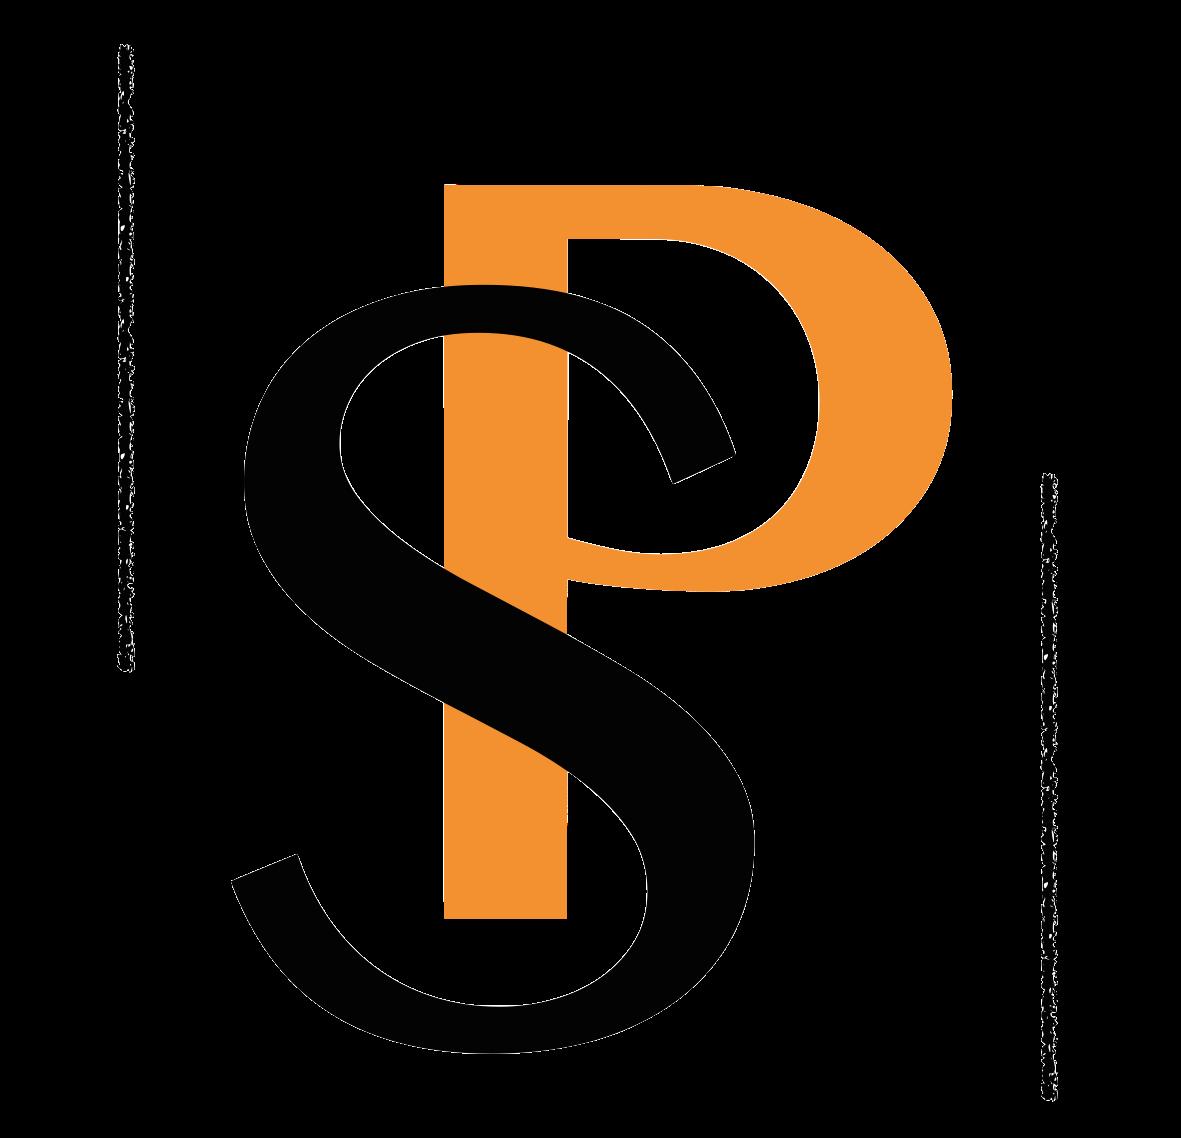 sp logos